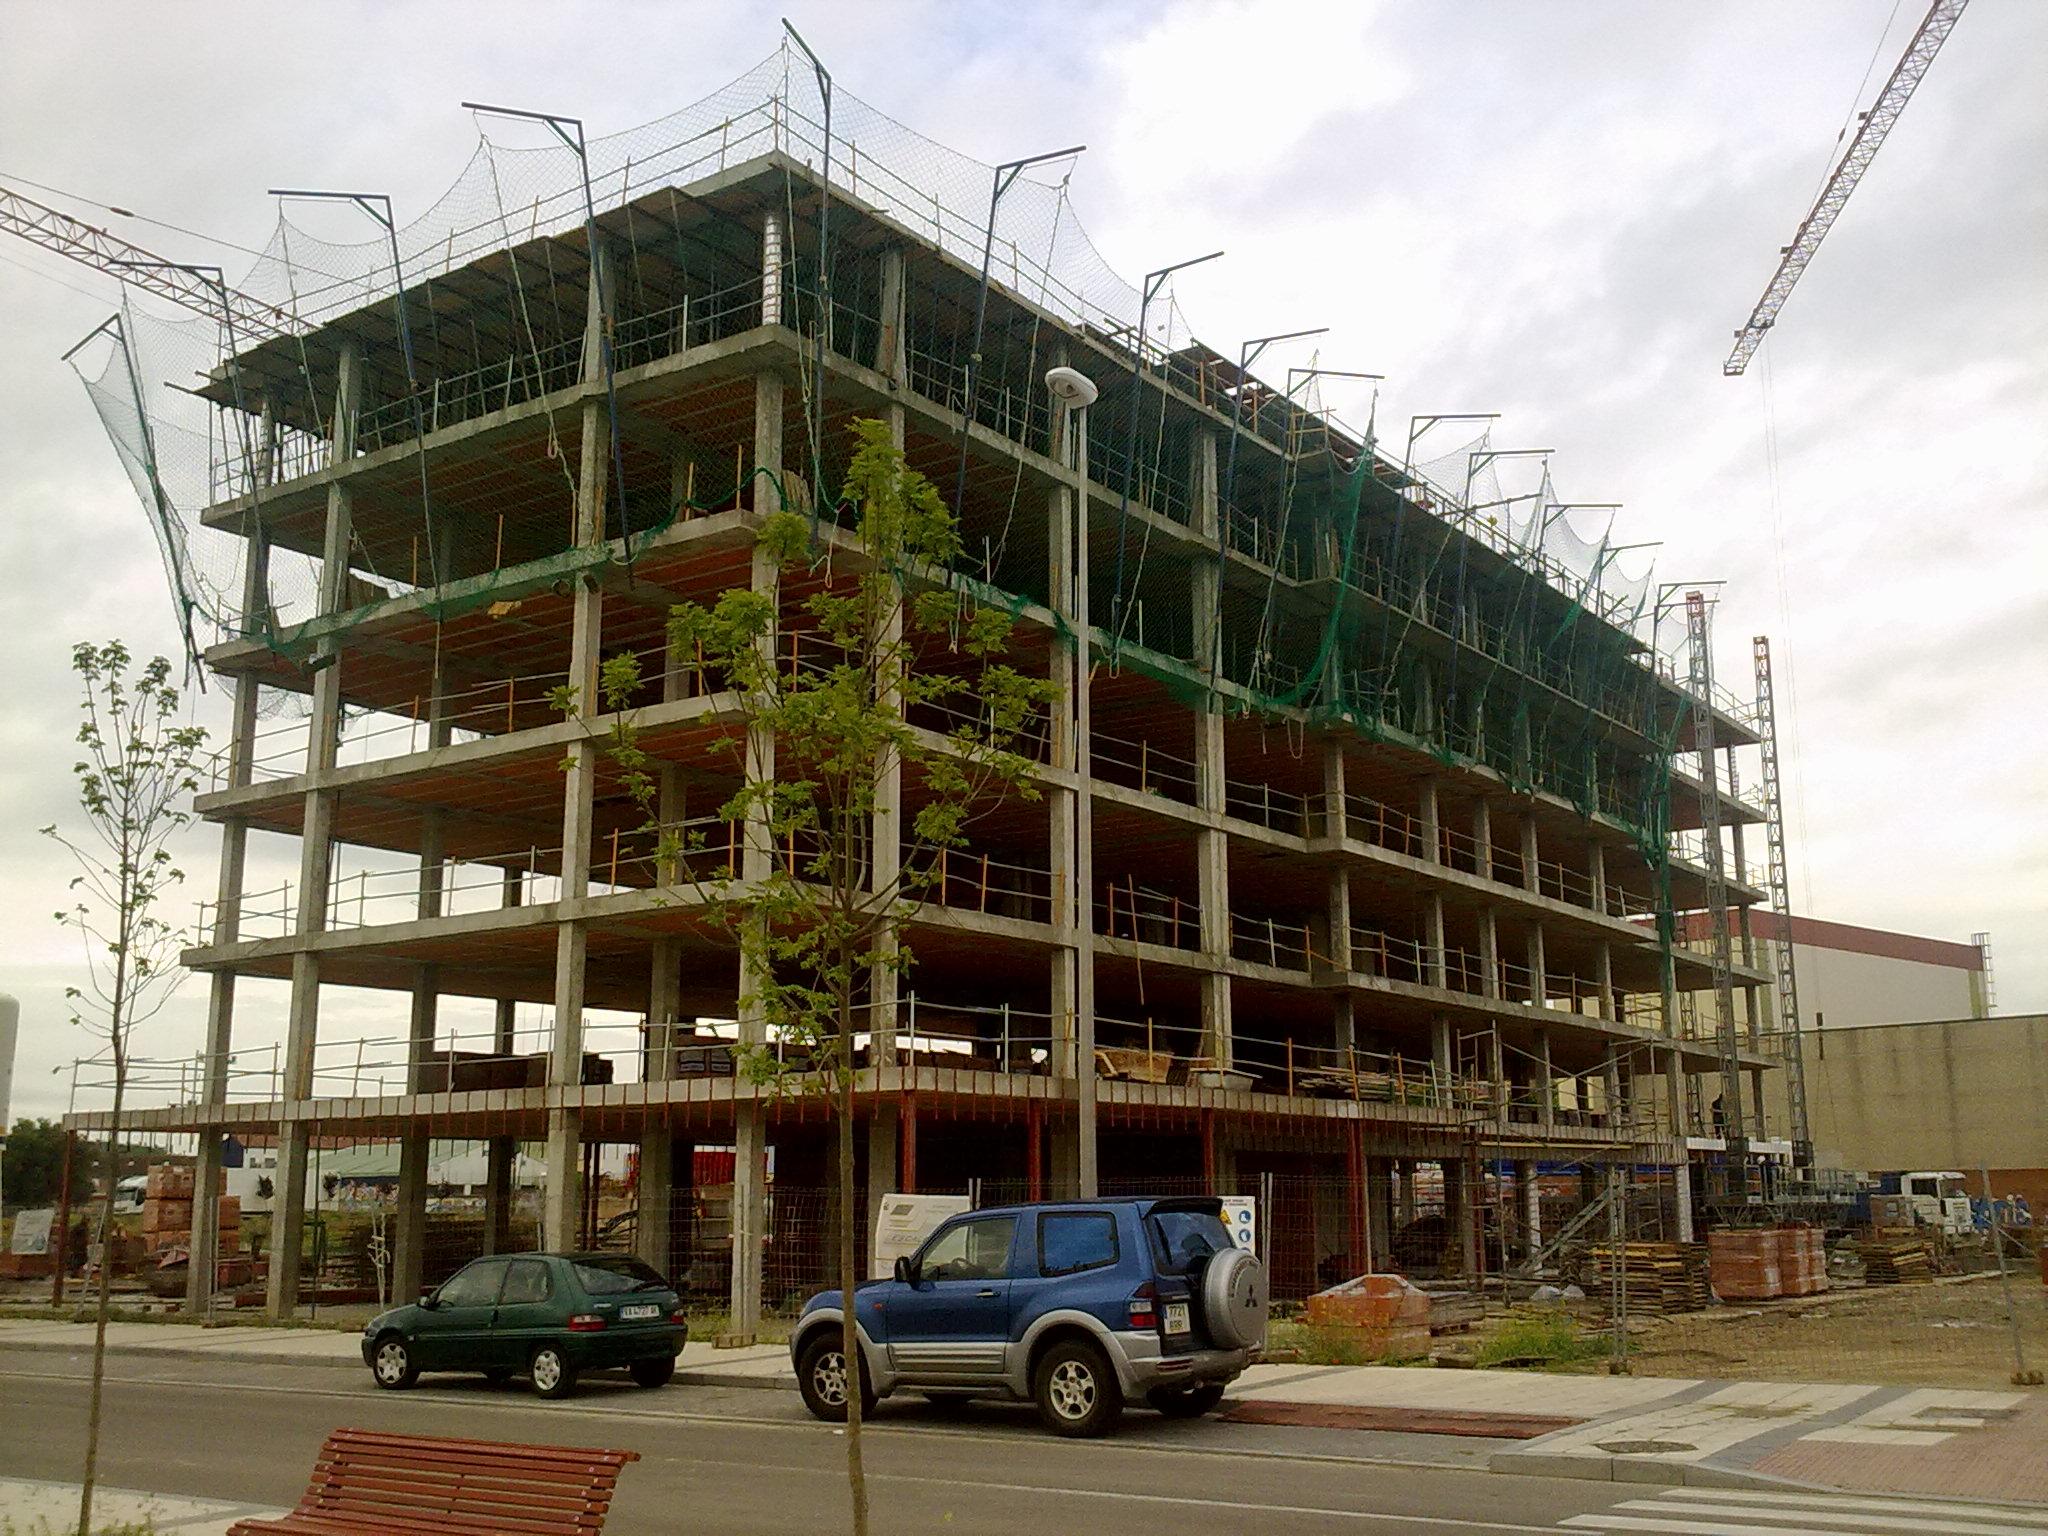 Nuestros servicios escalesa obras y proyectos en valladolid - Precios de estructuras de hormigon ...